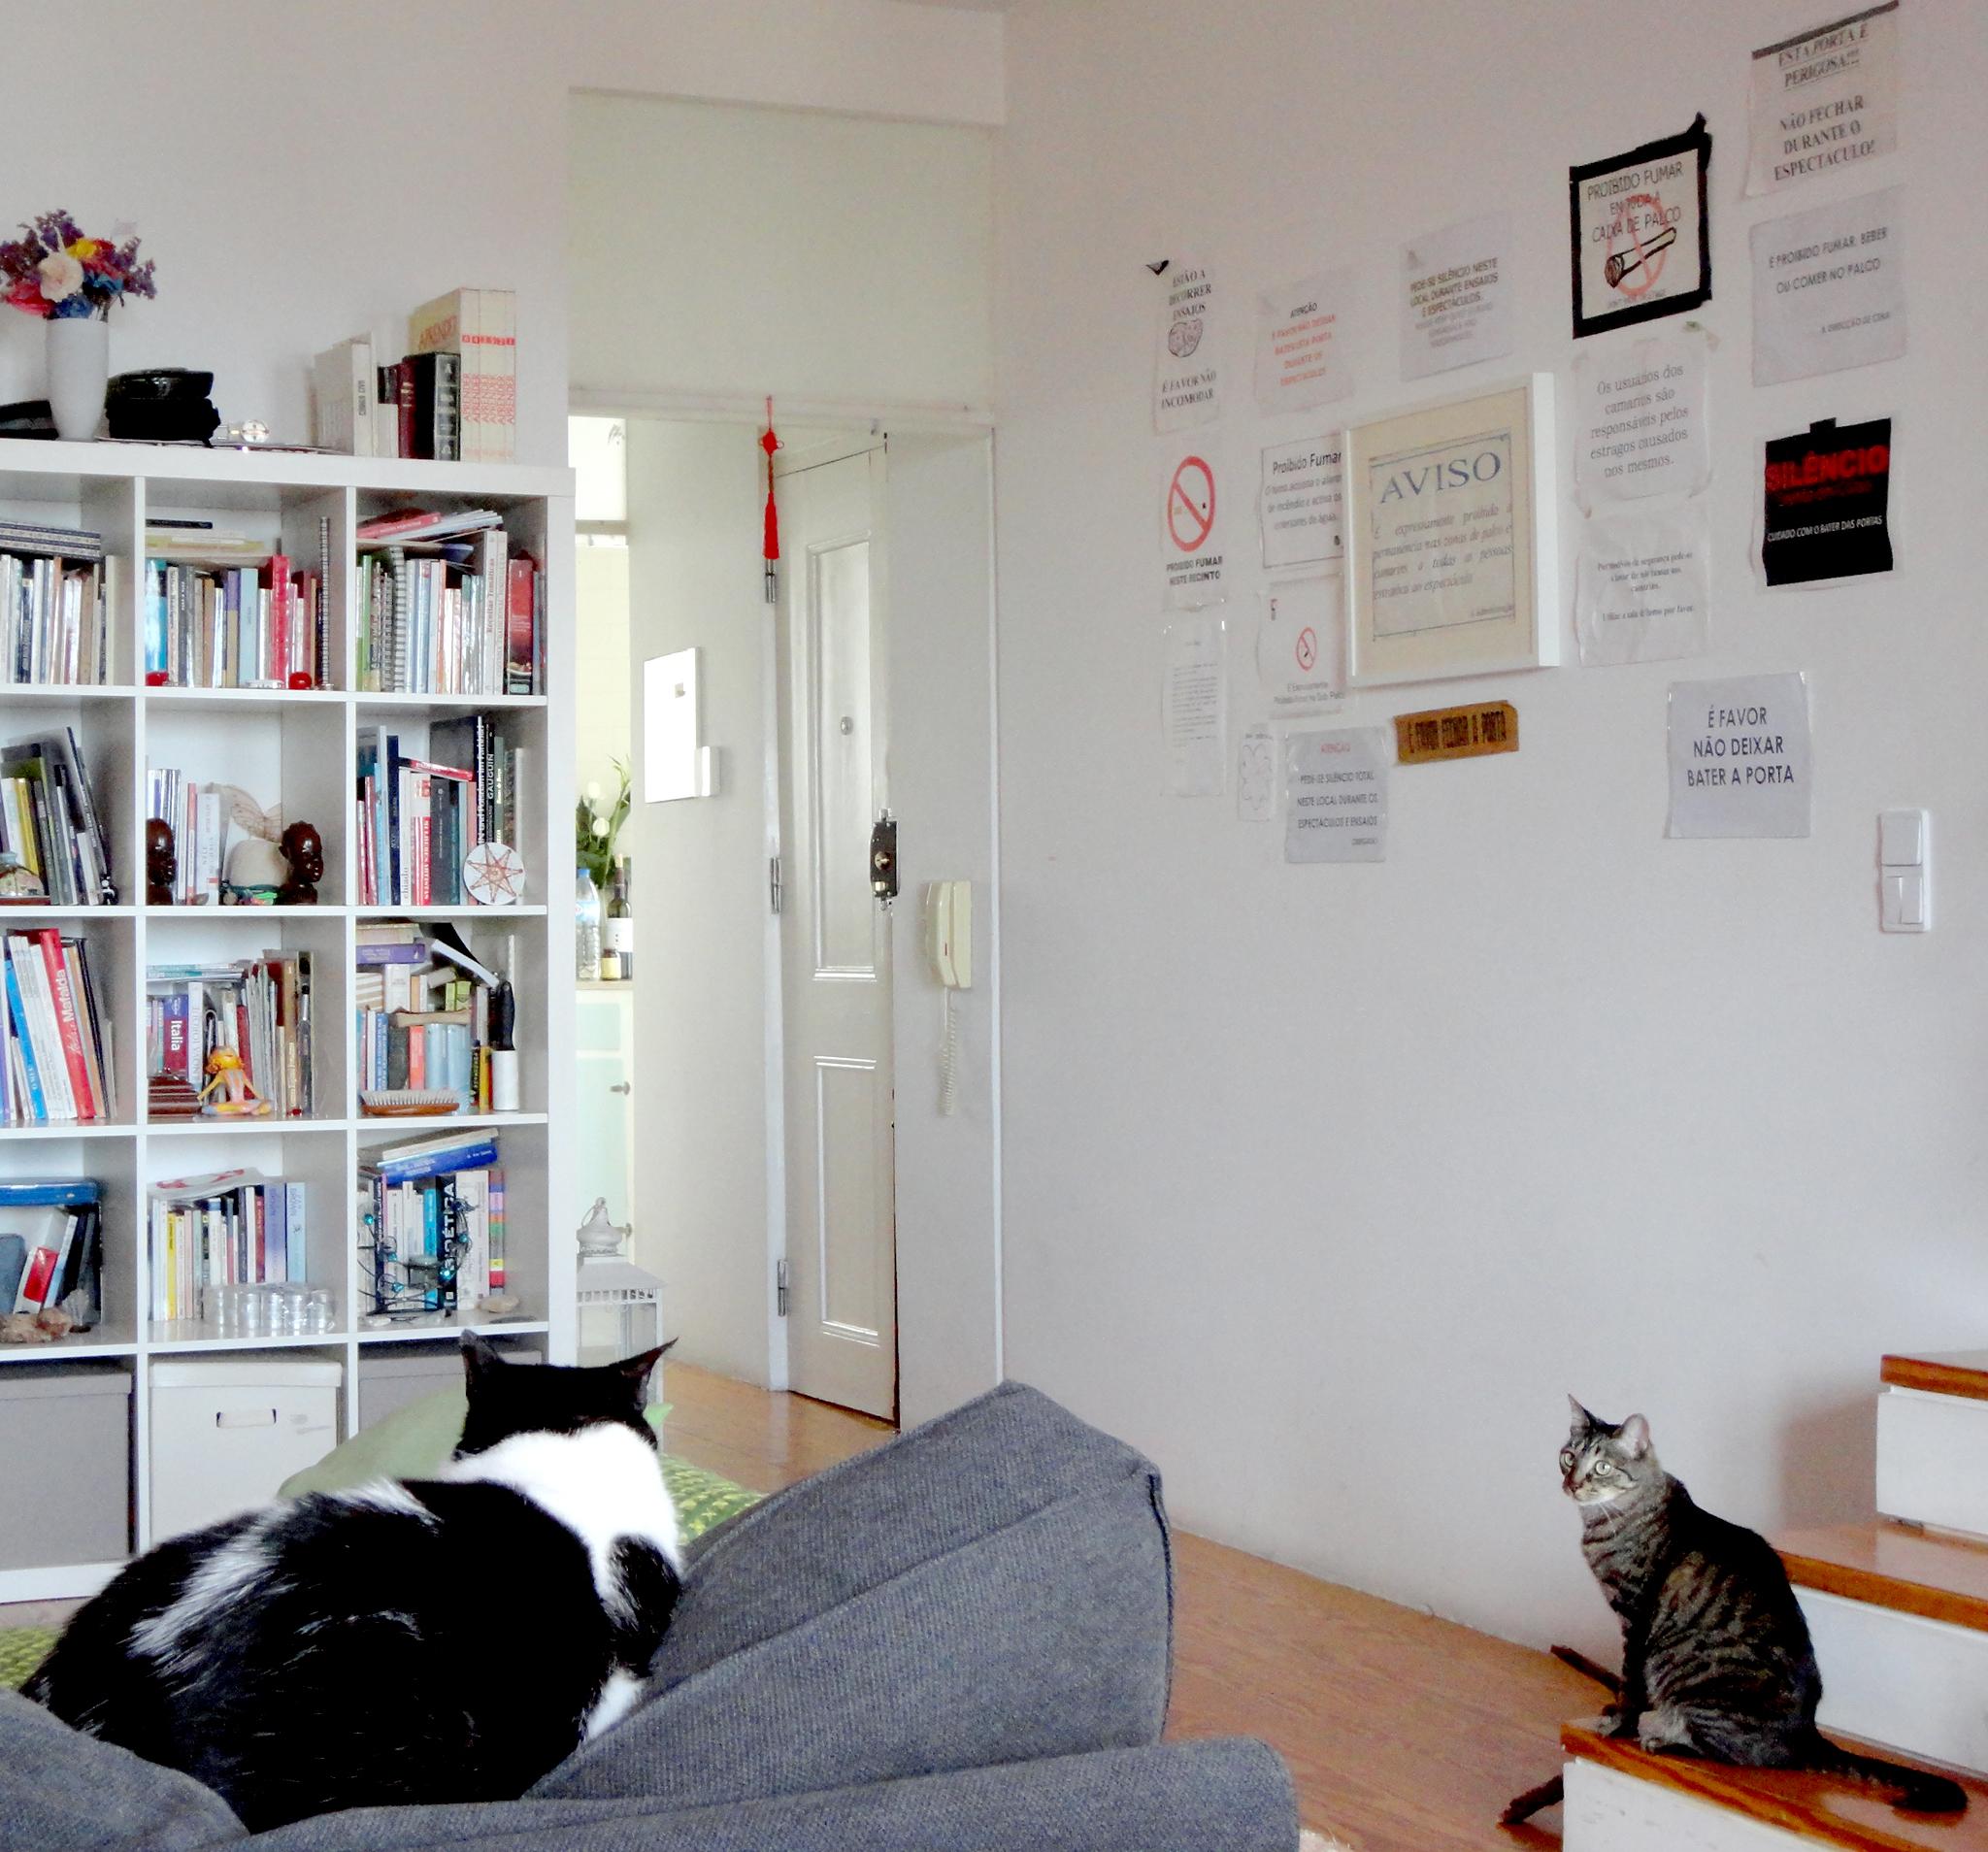 o tomé à esquerda a tita à direita, dois felinos sociáveis que gostam de receber atenção (um duma forma outro doutra).